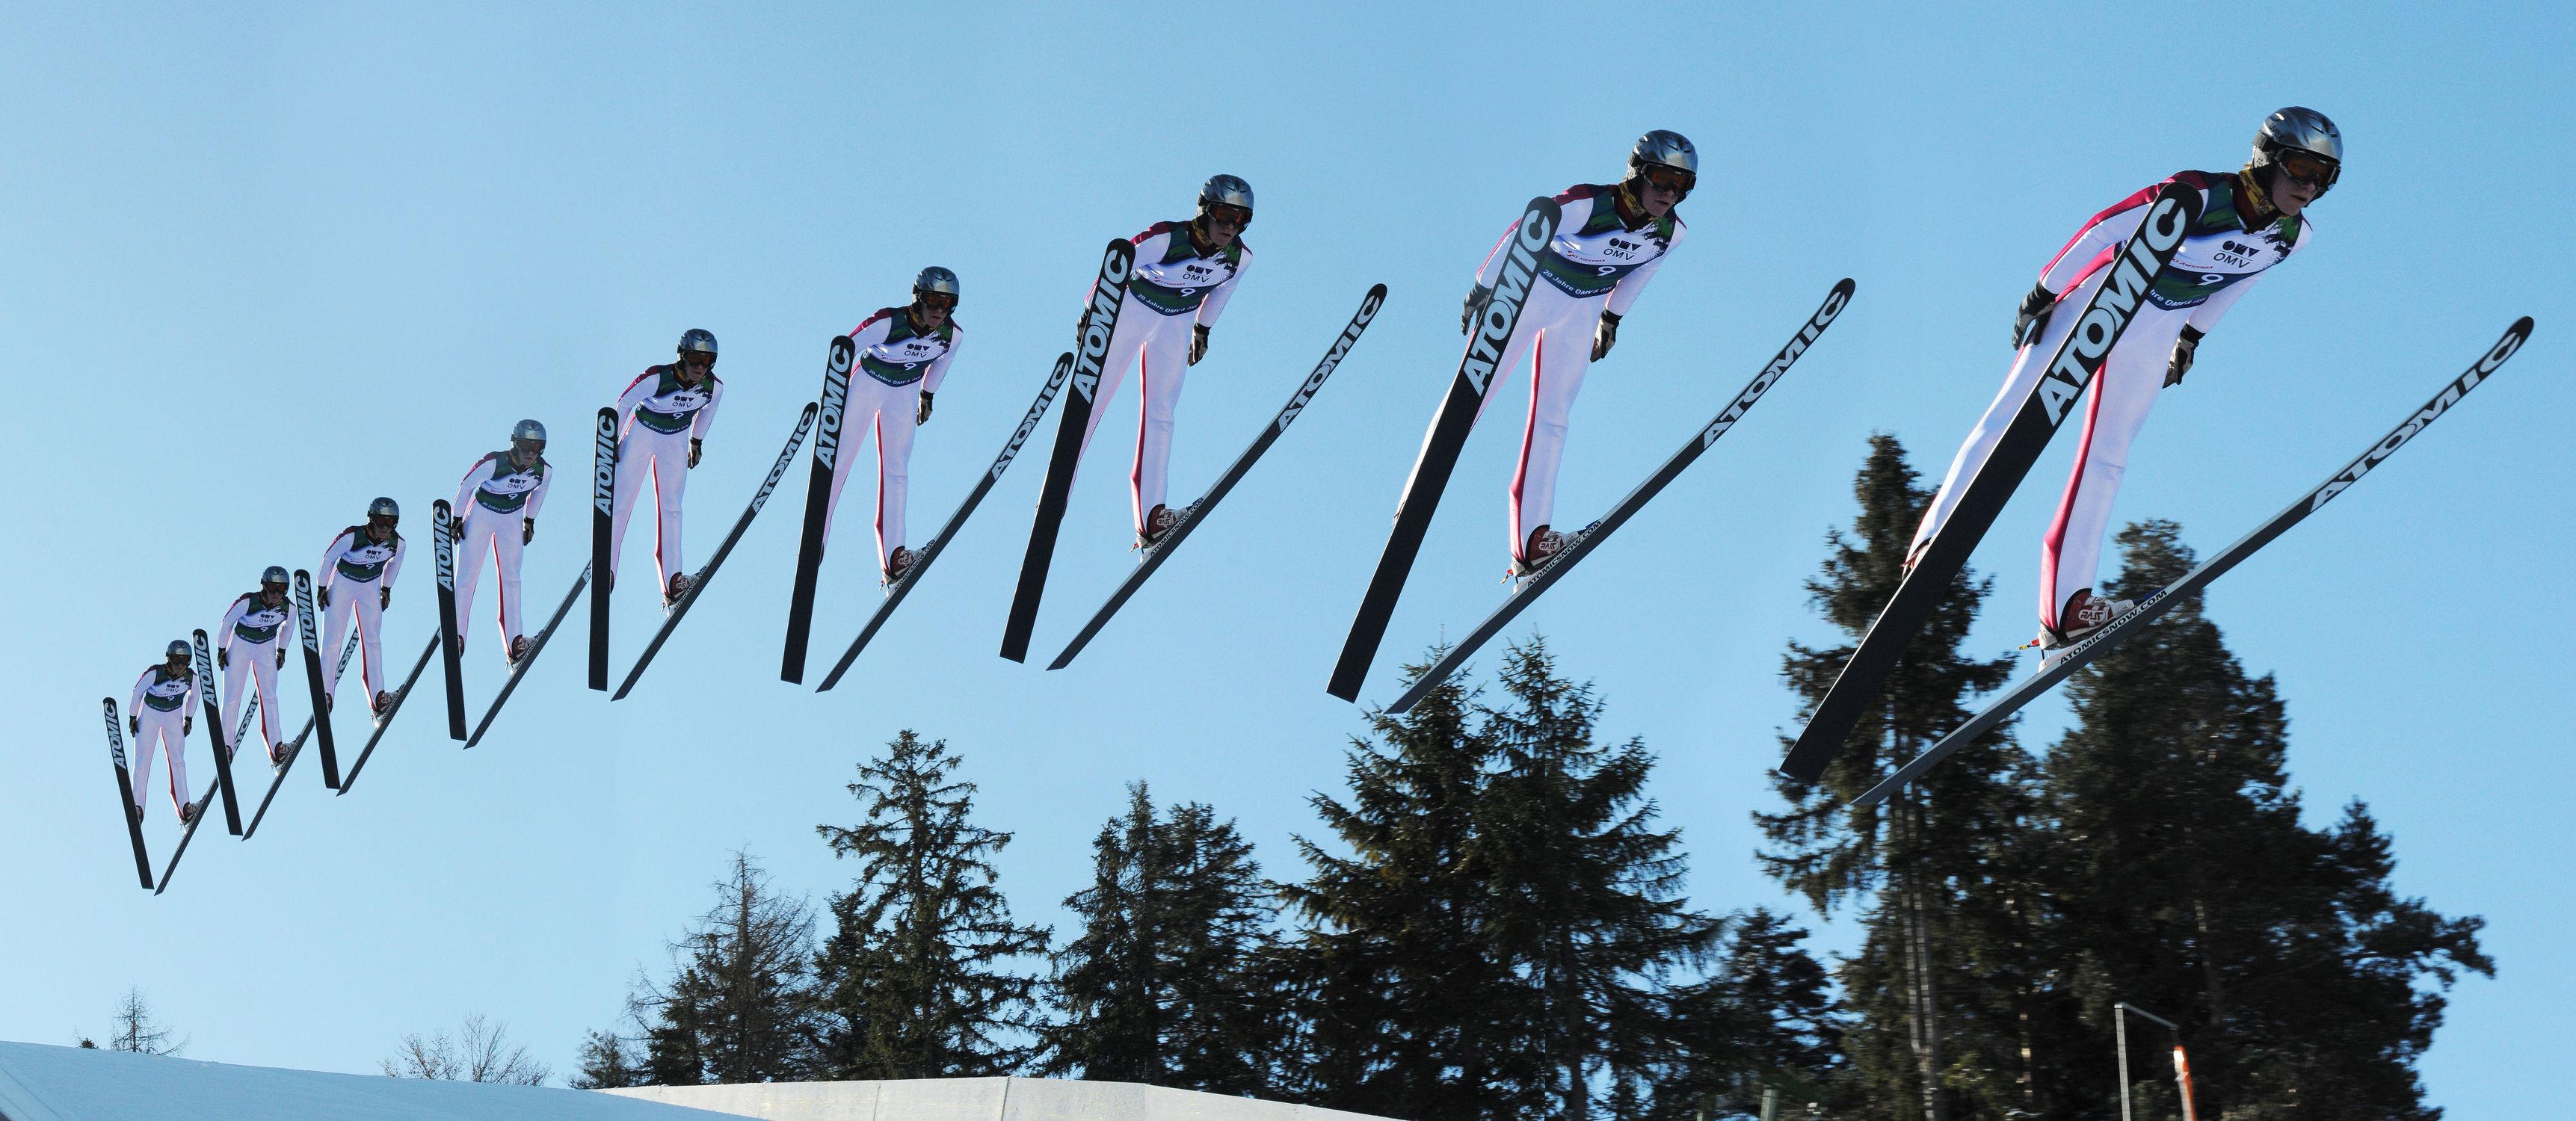 Bild mit Winter, Sport, Sportausrüstungen, Ski, Wintersport, sprung, serie, skier, skispringer